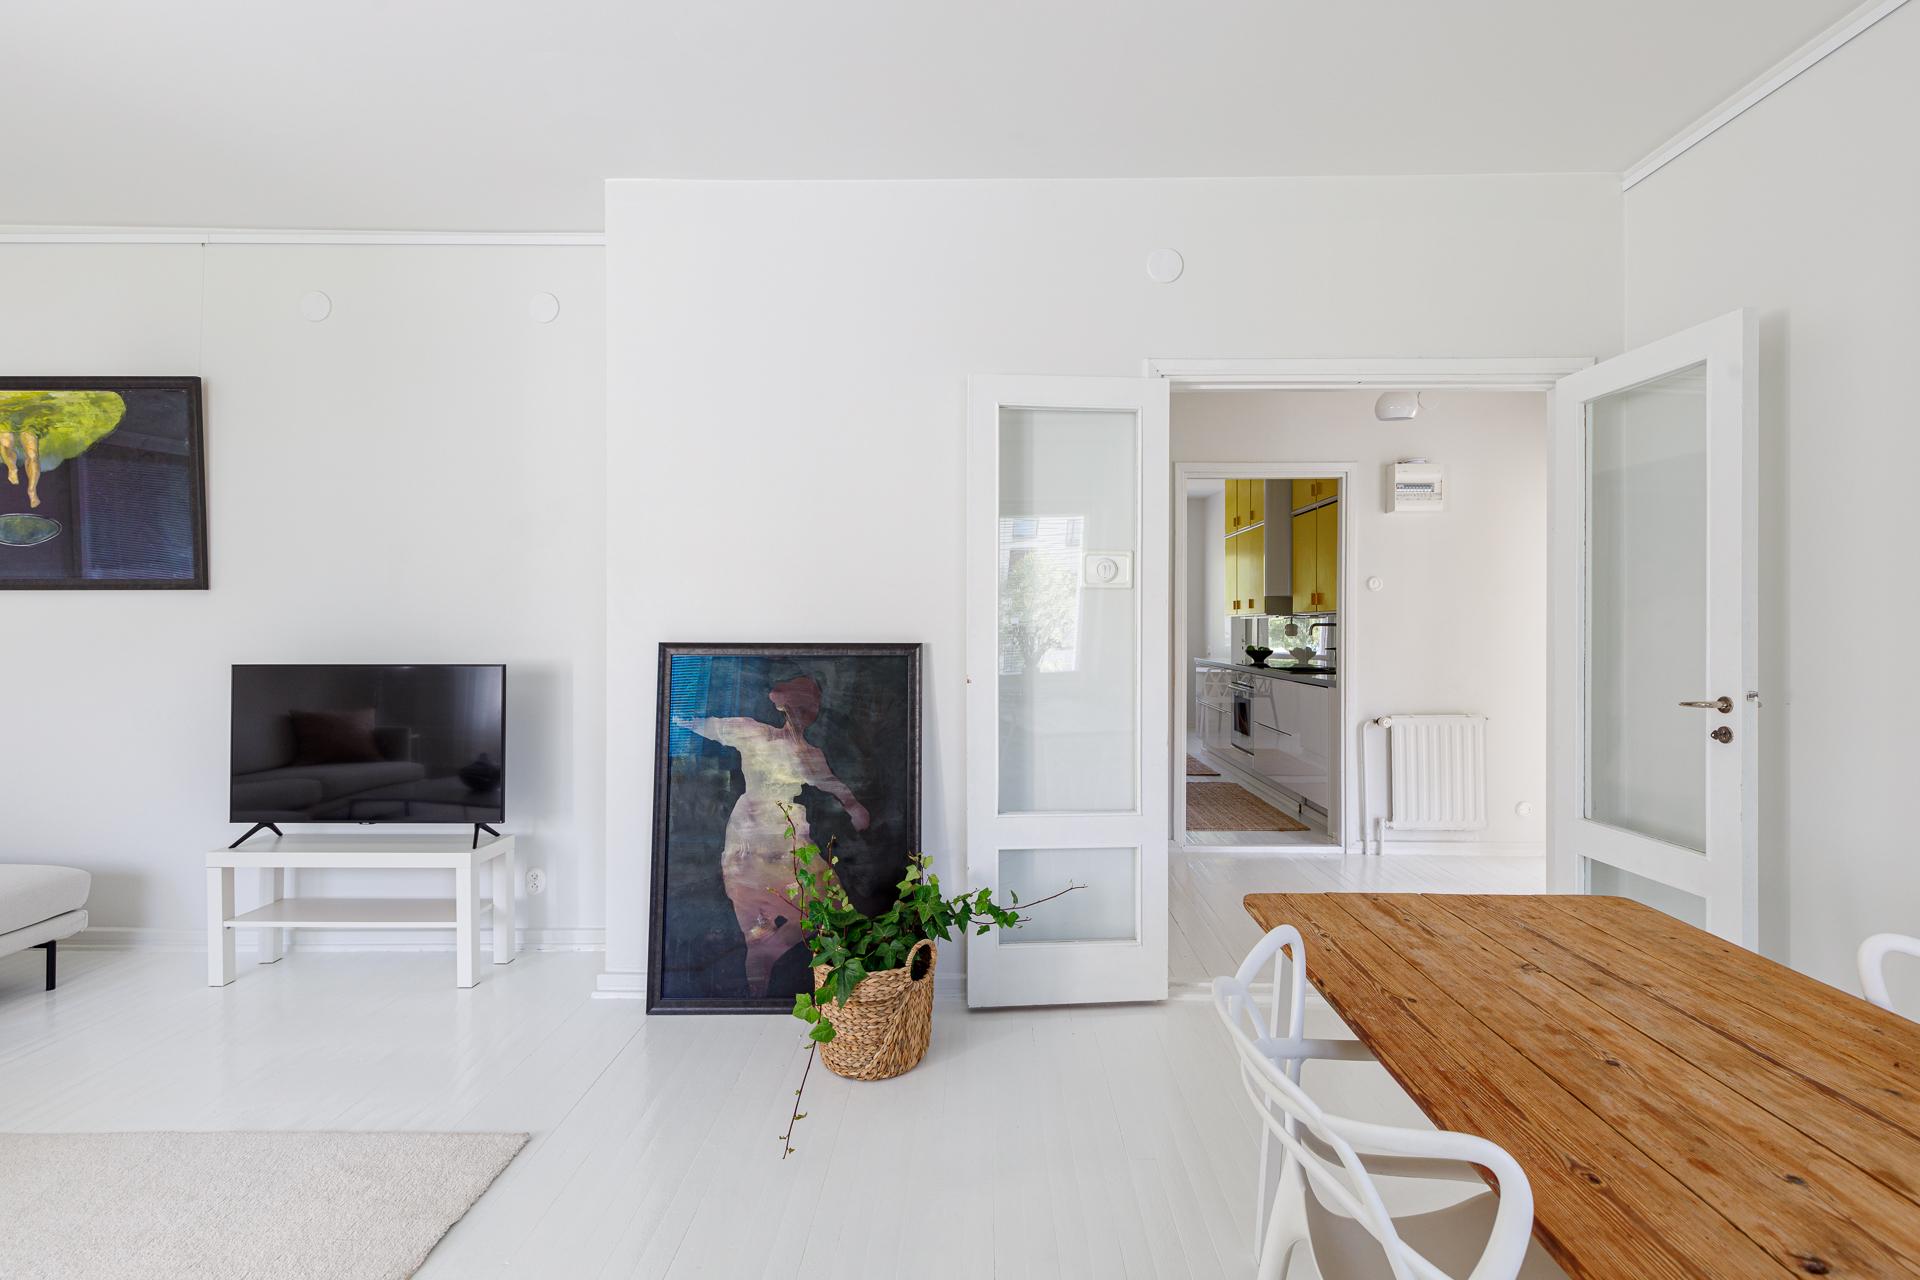 Asuntokuvaus Olohuone taidetta